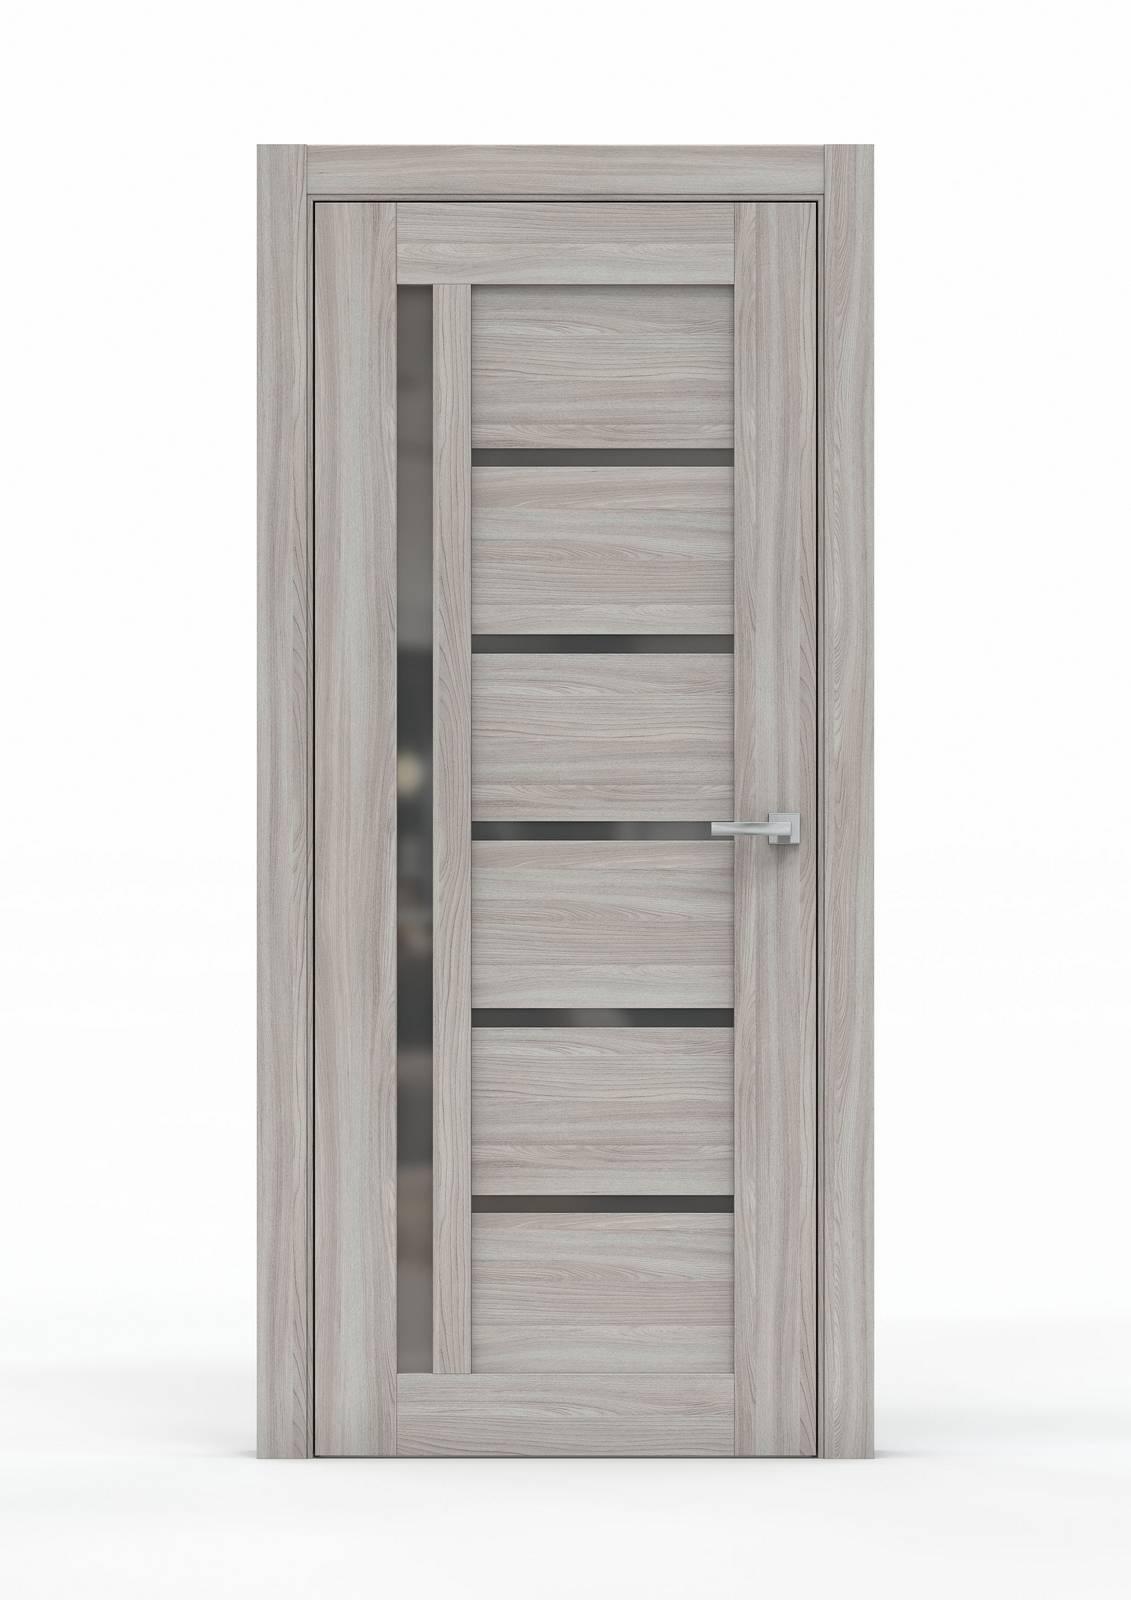 Межкомнатная дверь - 0693. Цвет - СО Ясень шимо светлый